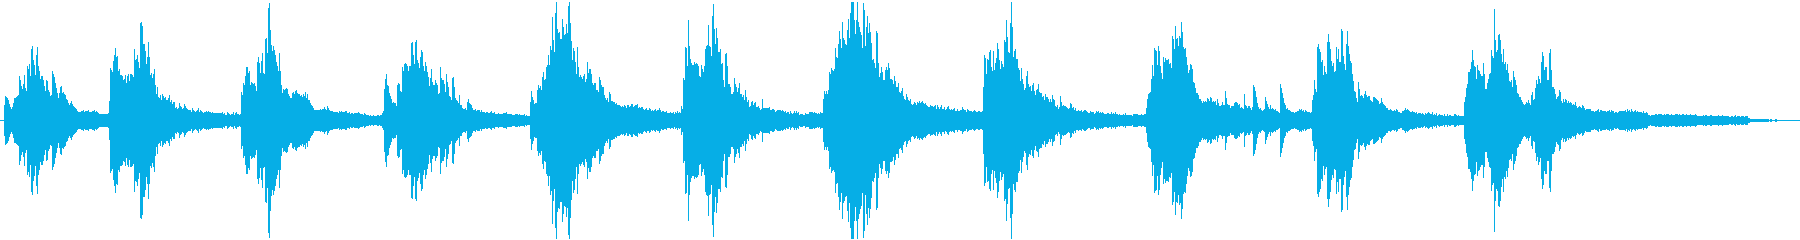 ピアノキラリの再生済みの波形